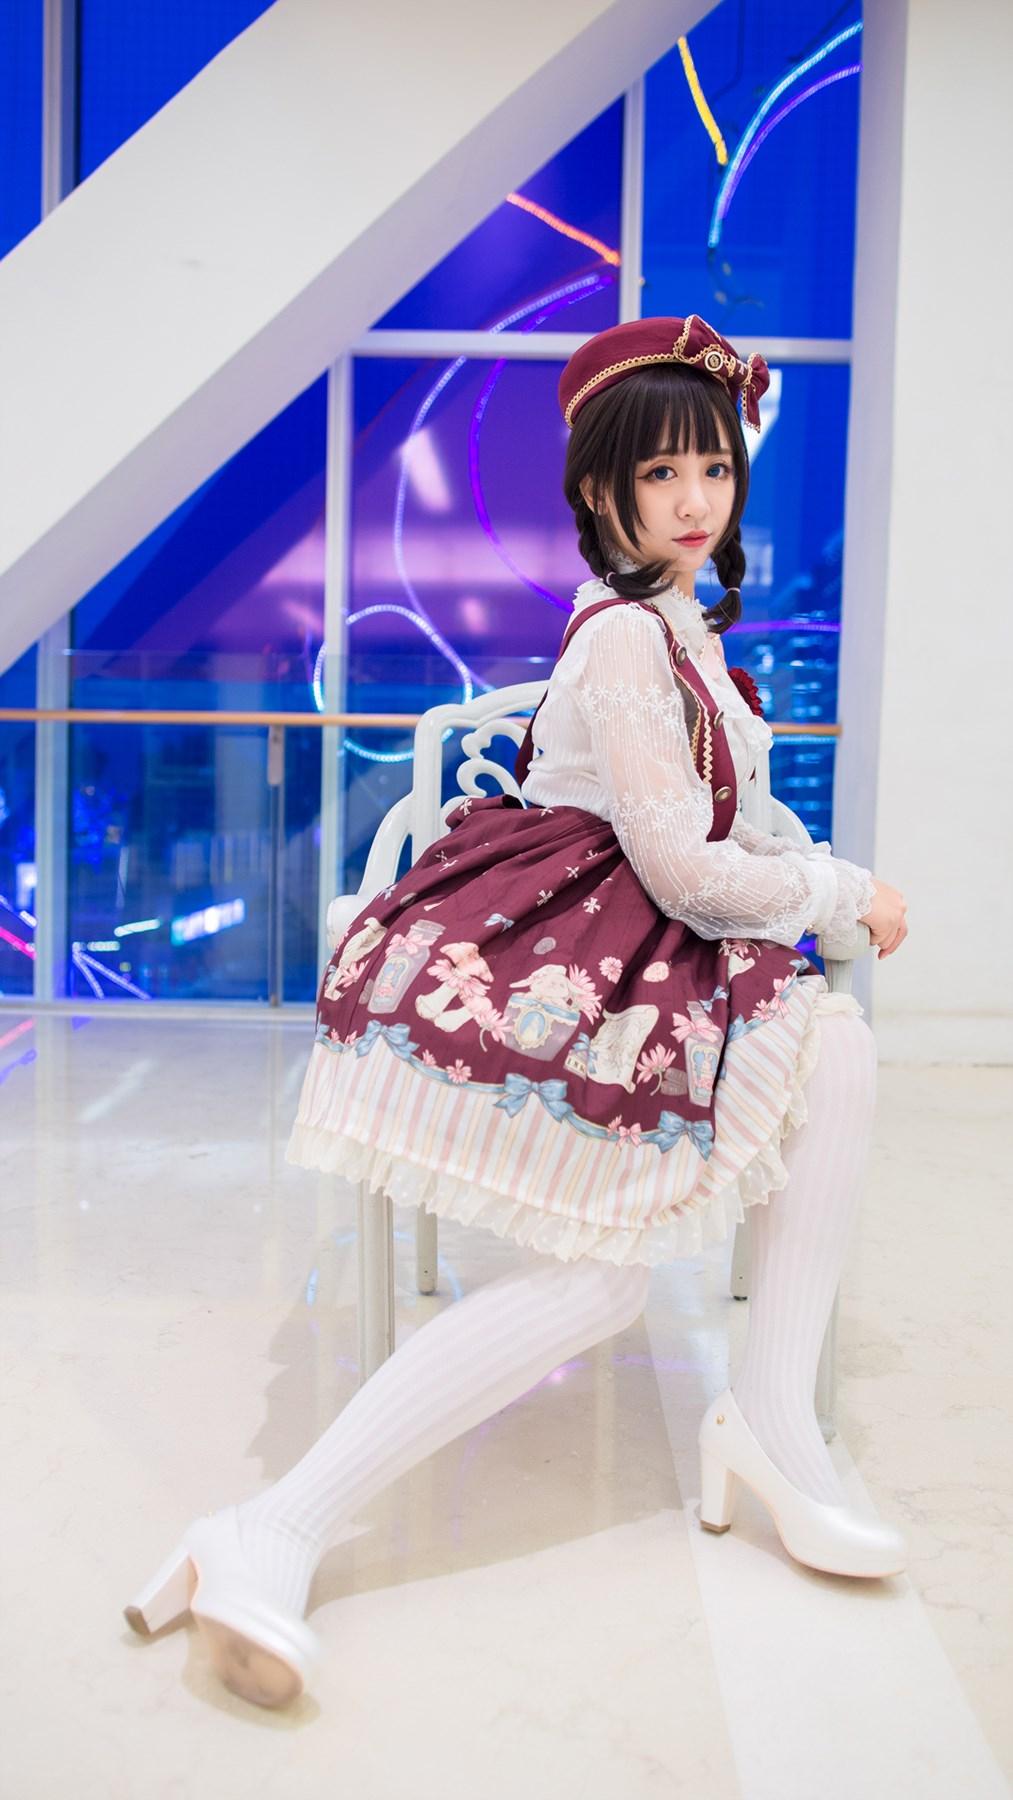 【兔玩映画】小裙子 兔玩映画 第39张